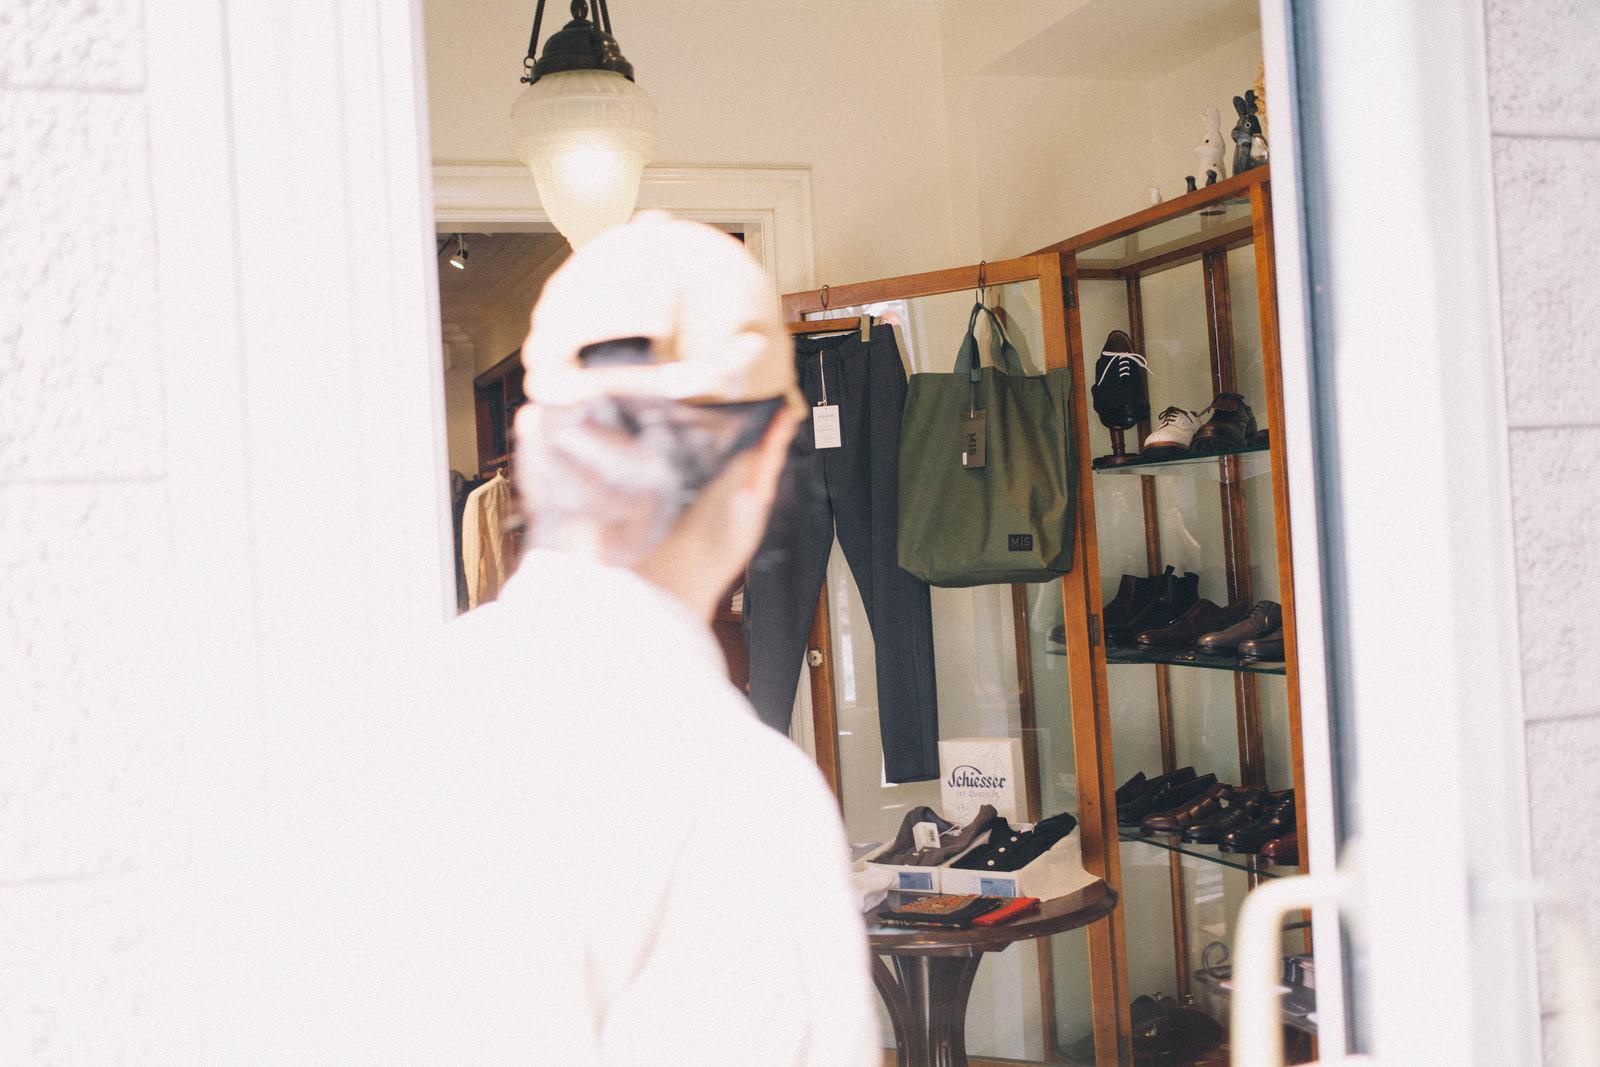 代々木上原のセレクトショップ バーニッシュ 立ち上げとバイヤーを務め、現在はGMT inc プレスの三浦さん越しの店内